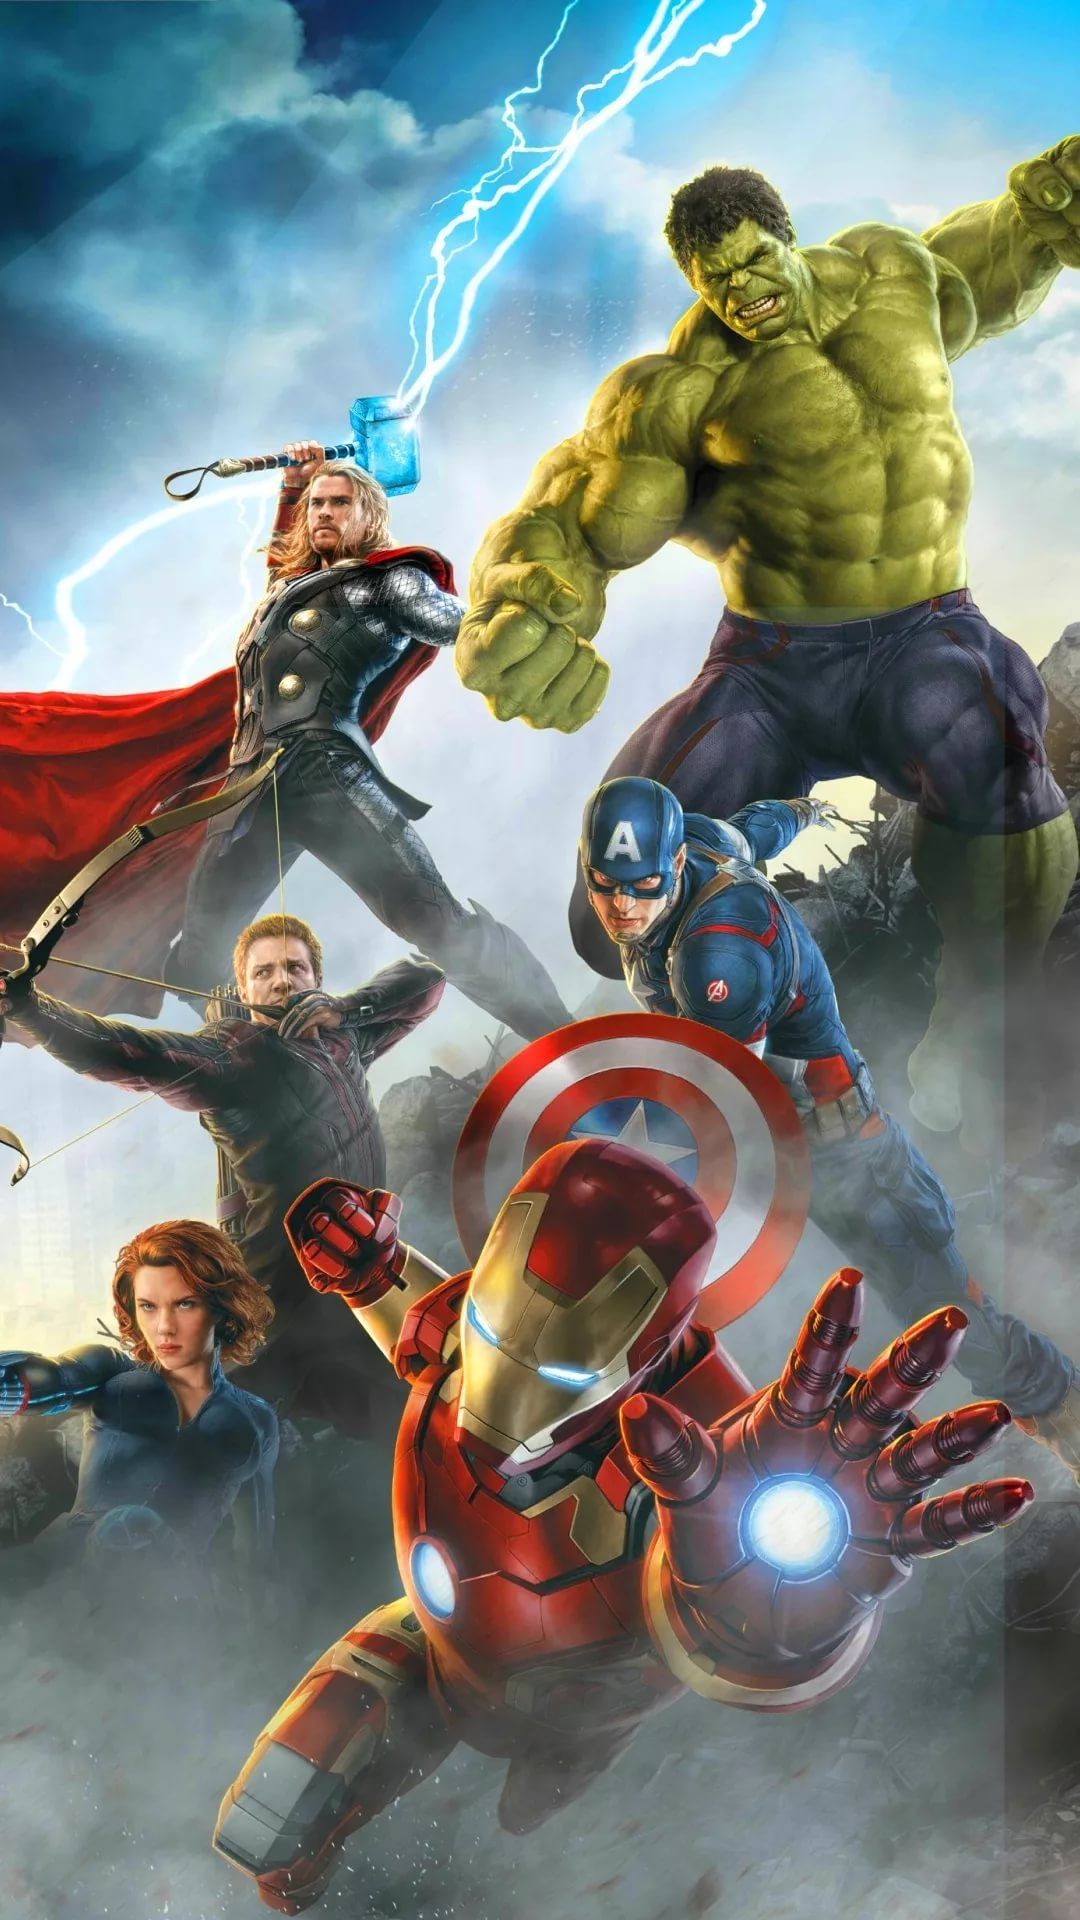 Marvel hd wallpaper